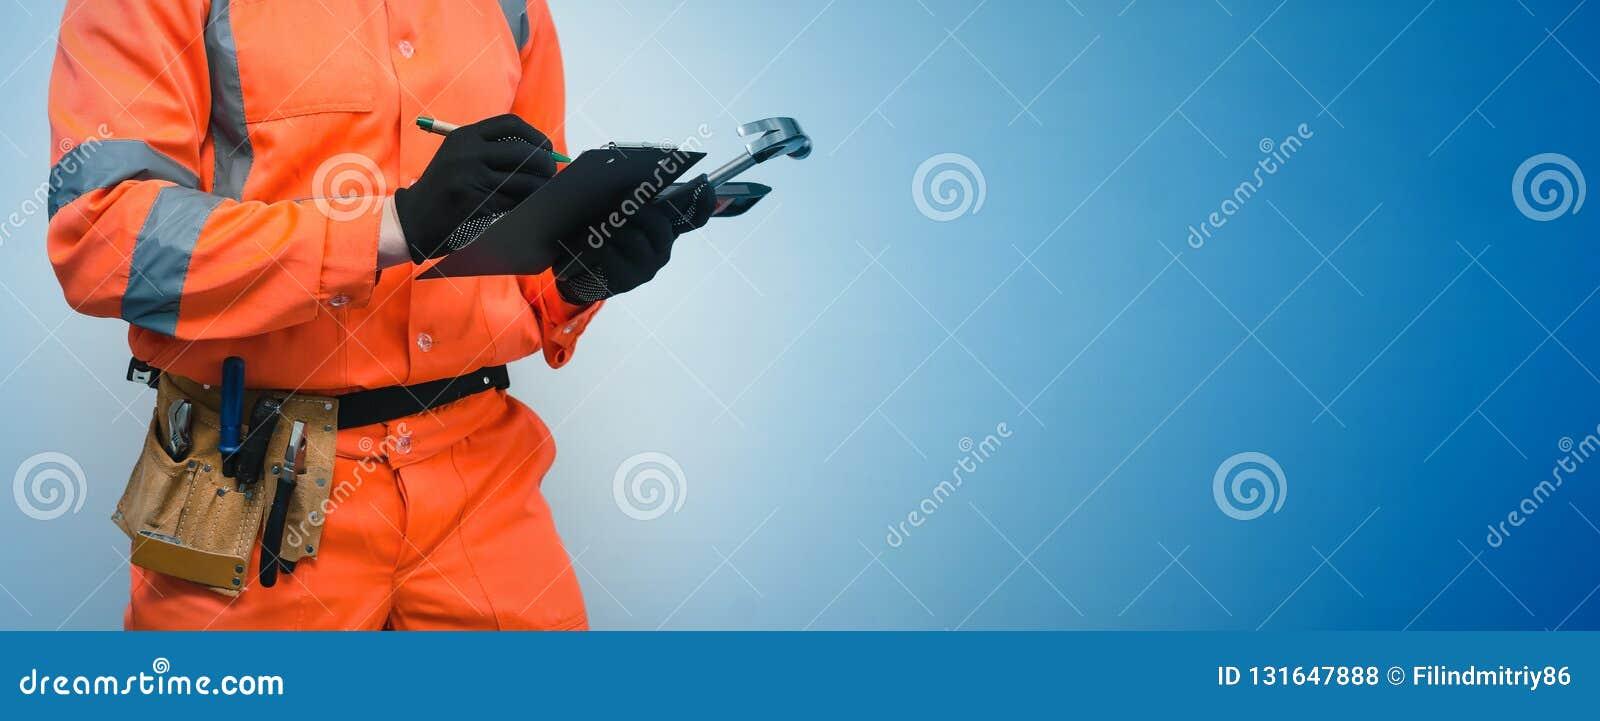 Contratante handyman